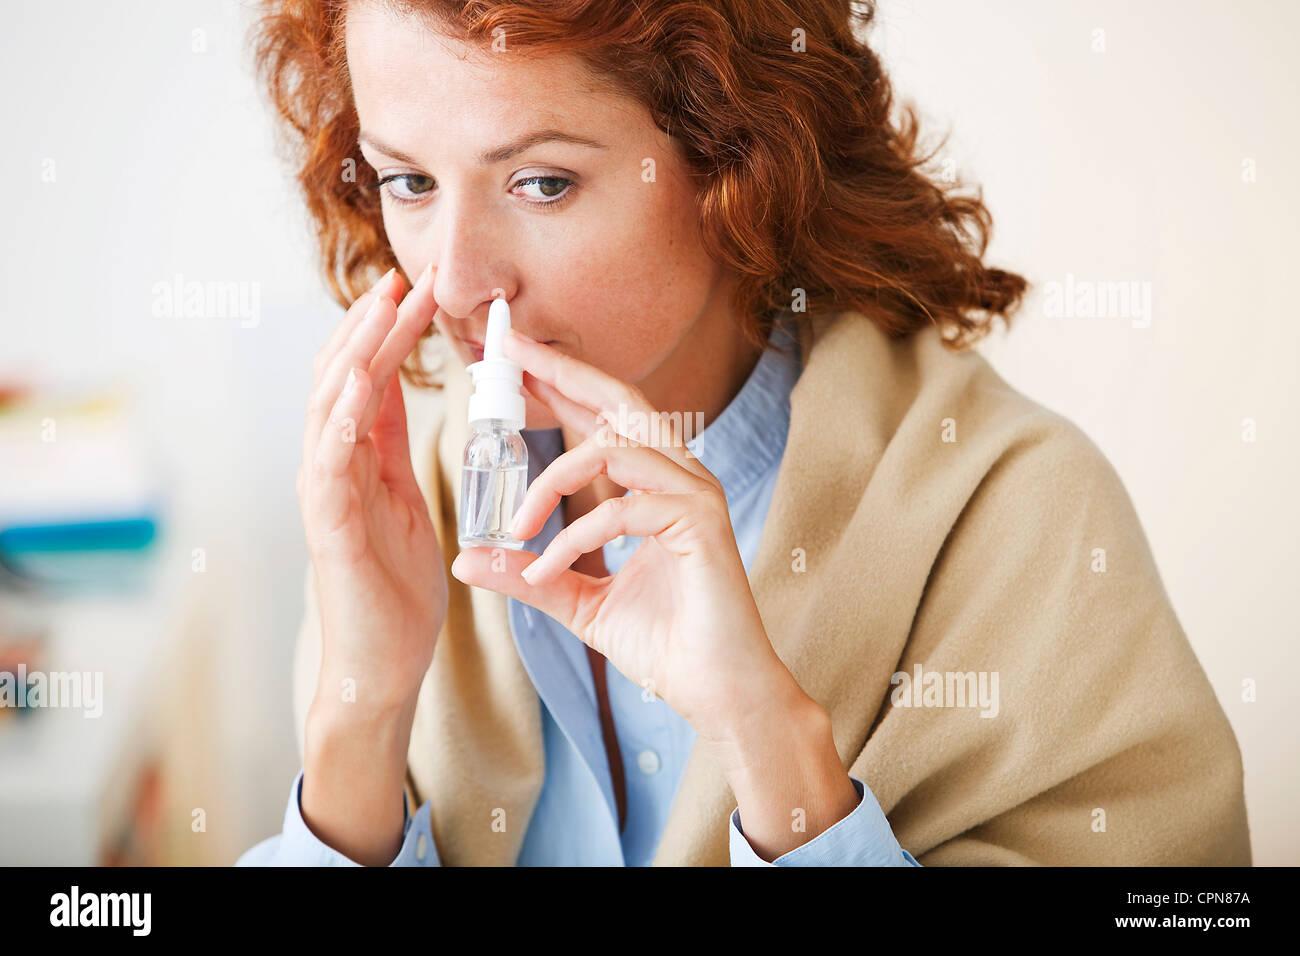 WOMAN USING NOSE SPRAY - Stock Image